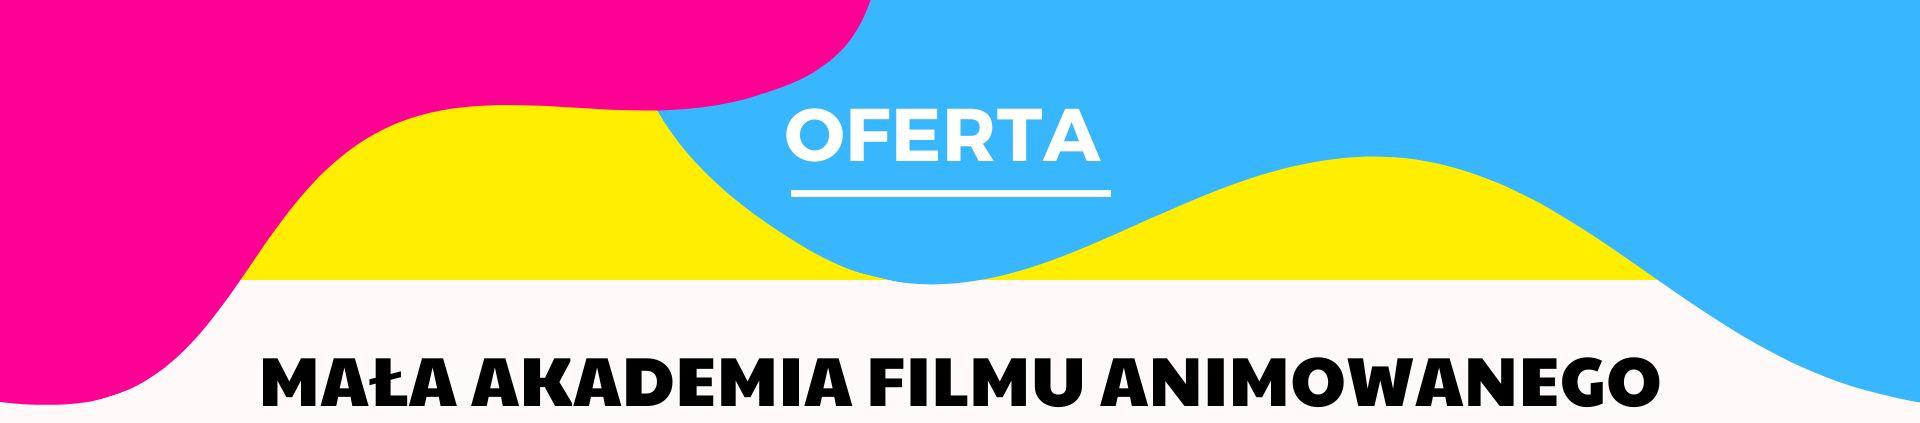 Mała Akademia Filmu oferta